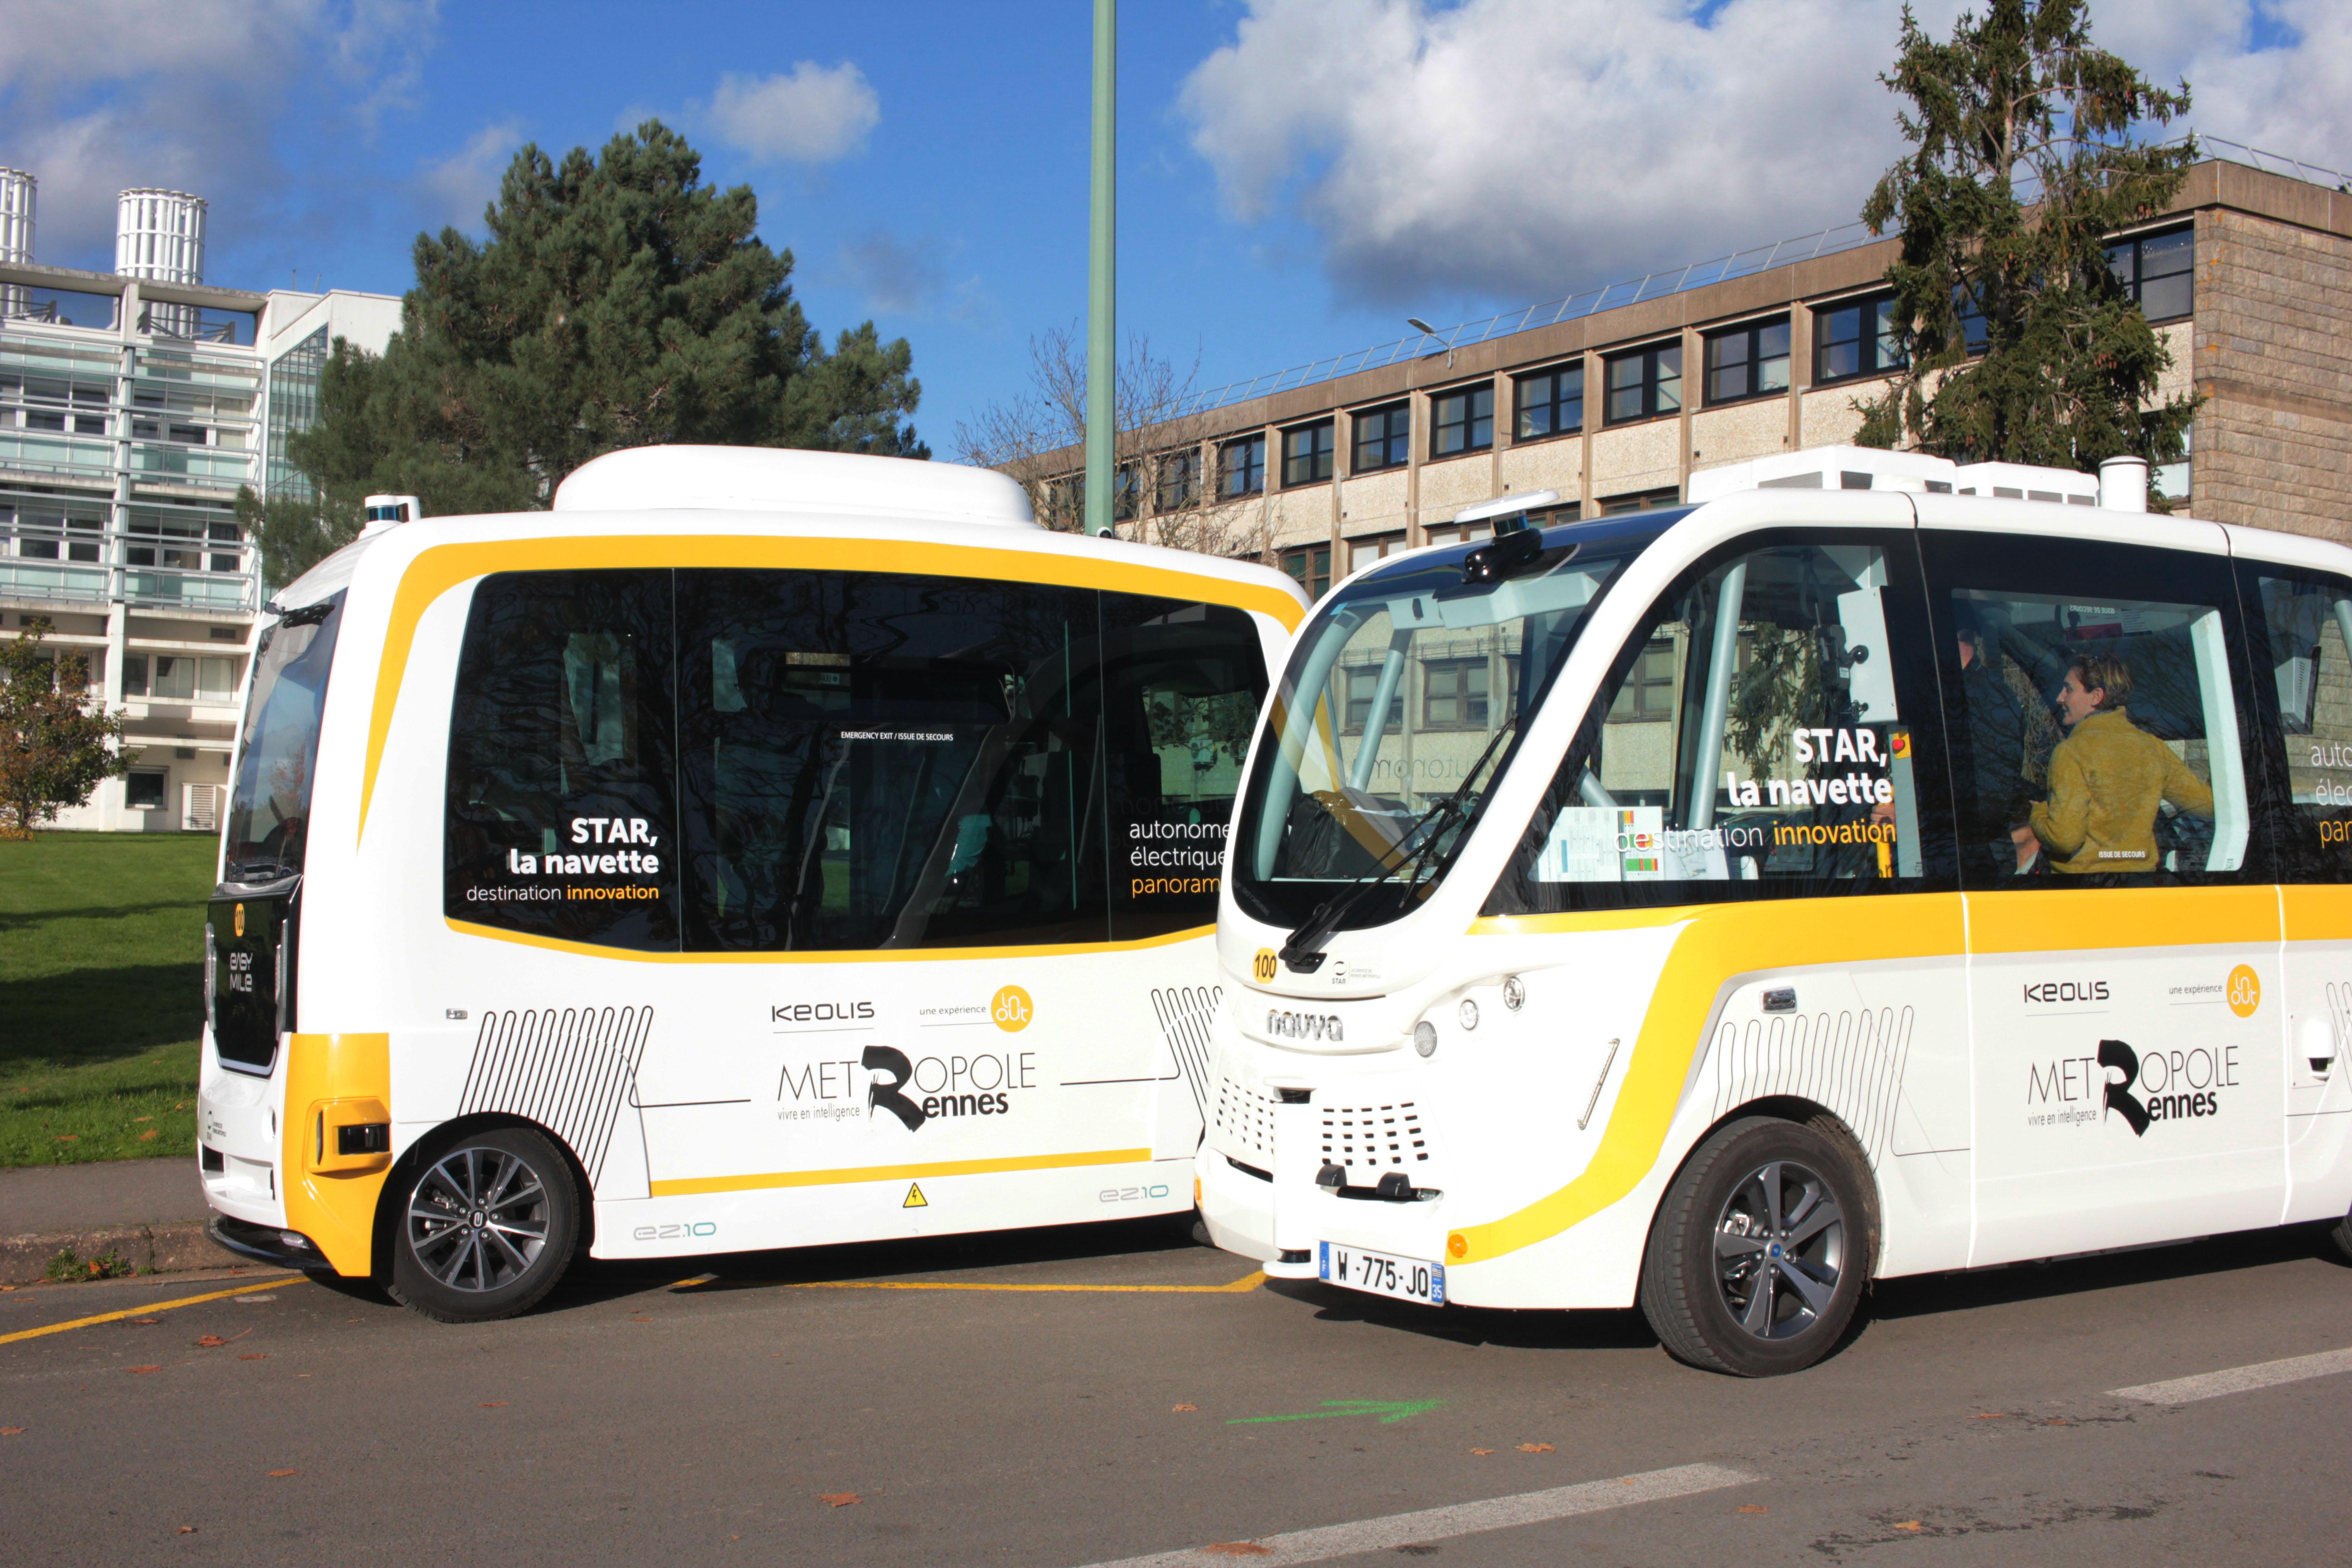 تكنولوجيا تنقل المستقبل - بالتعاون مع مدينة (Rennes) الفرنسية باصات Keolis ذاتية القيادة تبدأ فى العمل رسمياً هذا الشهر